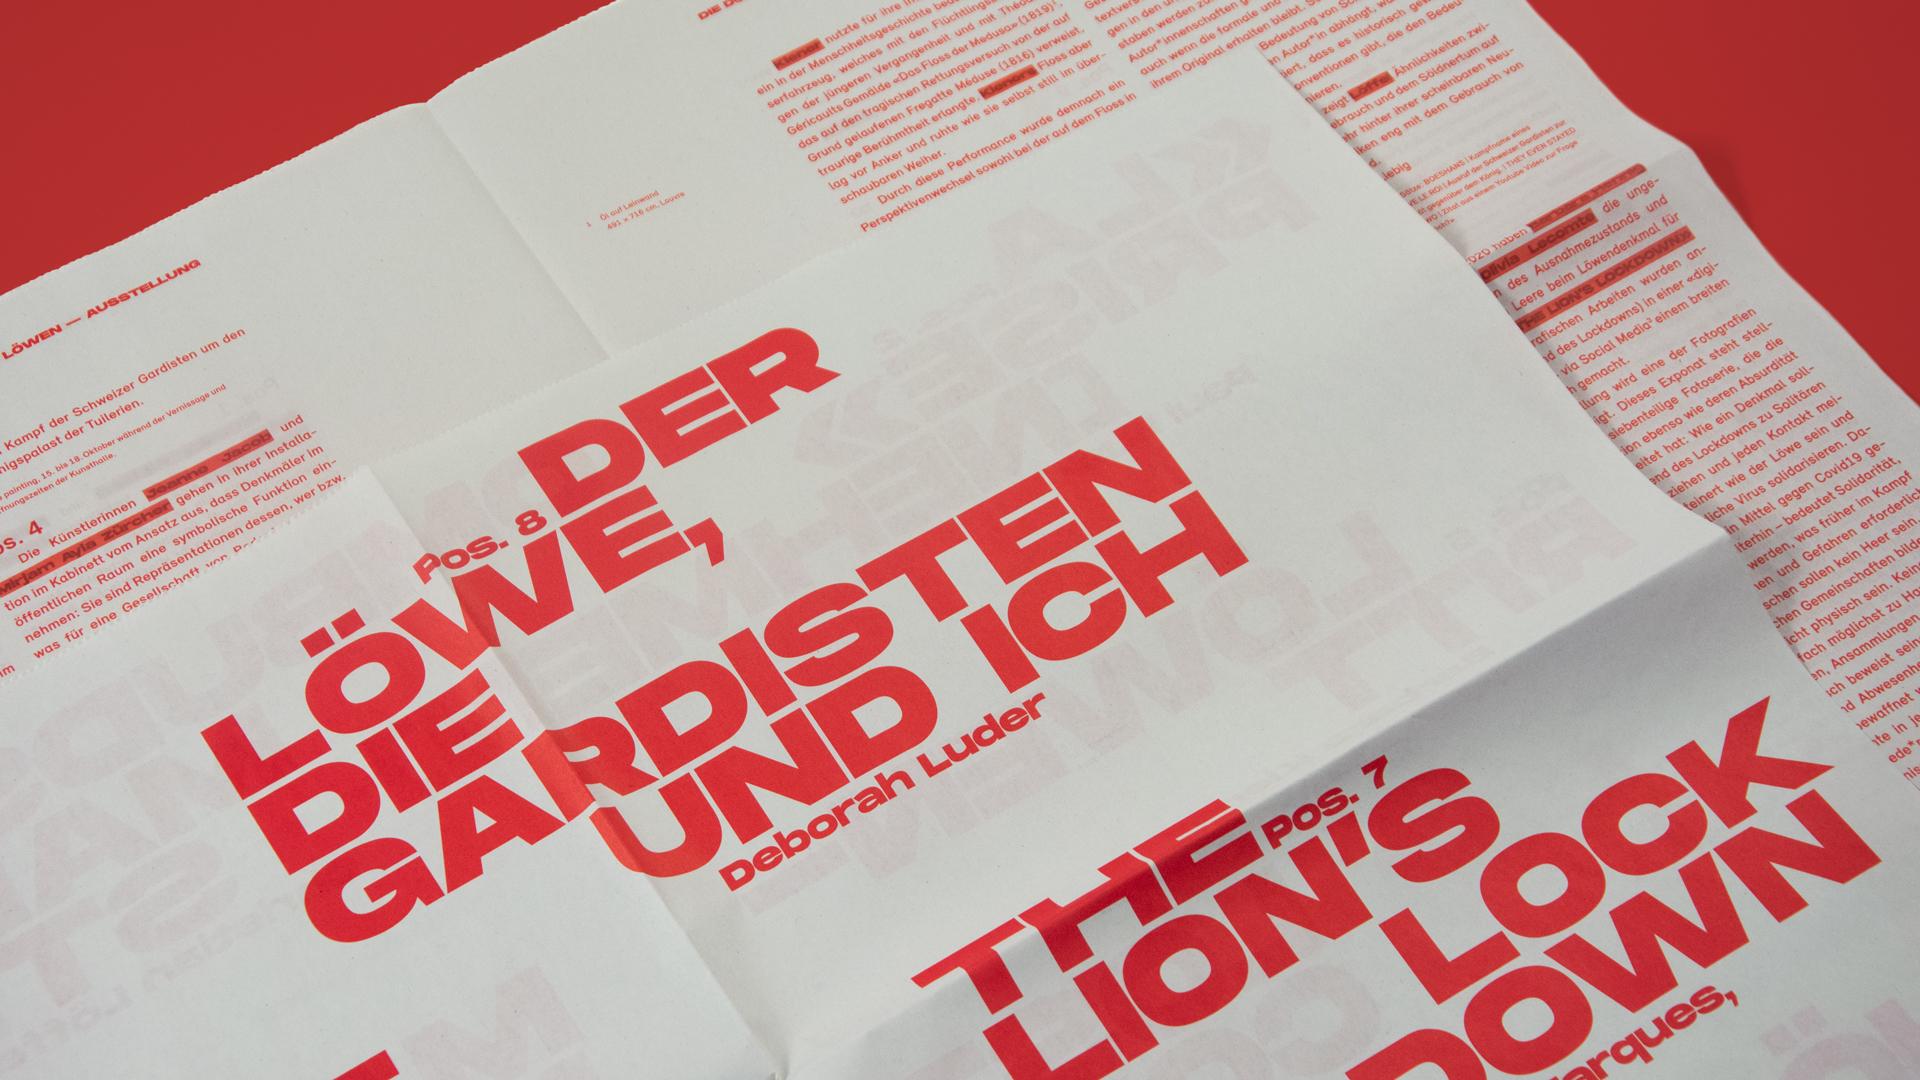 l'équipe [visuelle] –  Löwendenkmal 21 – Corporate Design, Webdesign, UX-Design, Interaction Design, Web-Programming für das Mehrjahresprojekt der Kunsthalle Luzern, Zeitung, Die dunkle Seite des Löwen, The dark side of the Lion